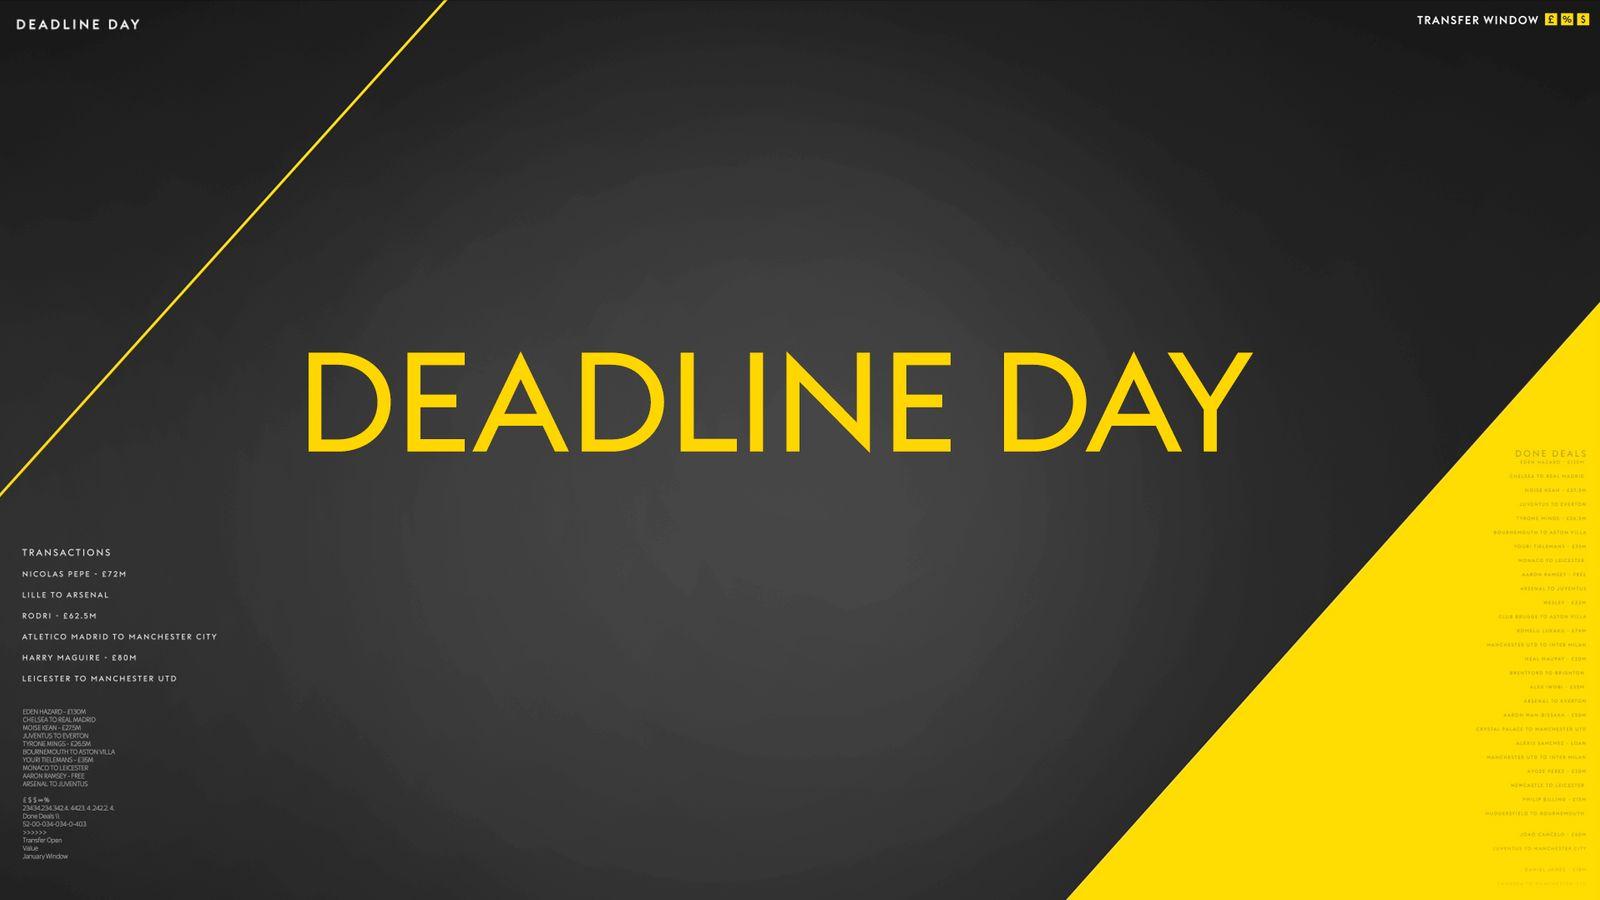 Sky Deadline Day